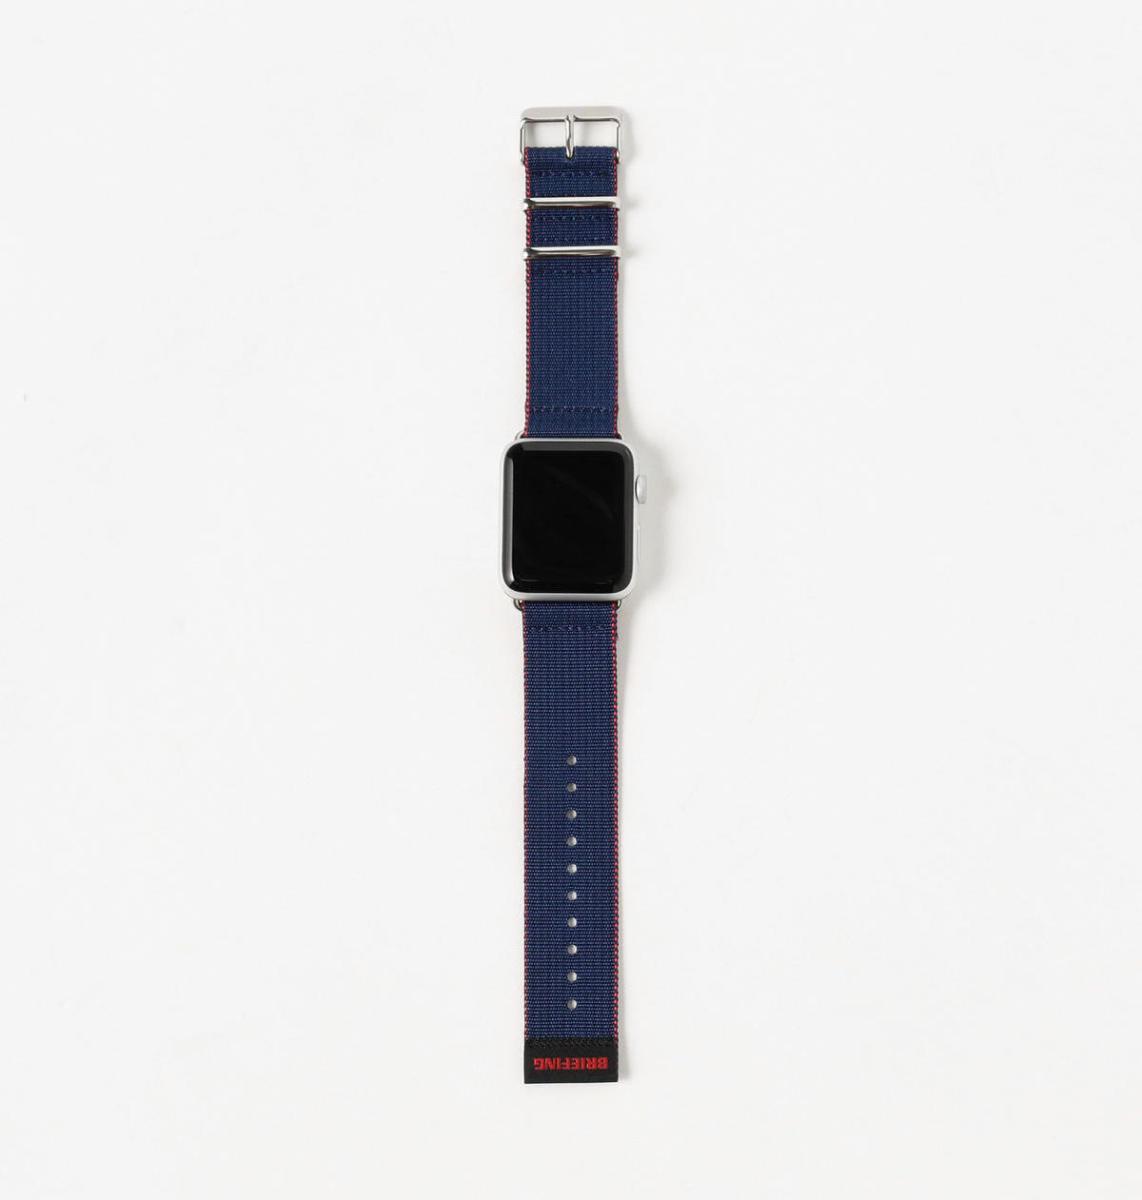 Beam x Briefing Apple Watch Strap